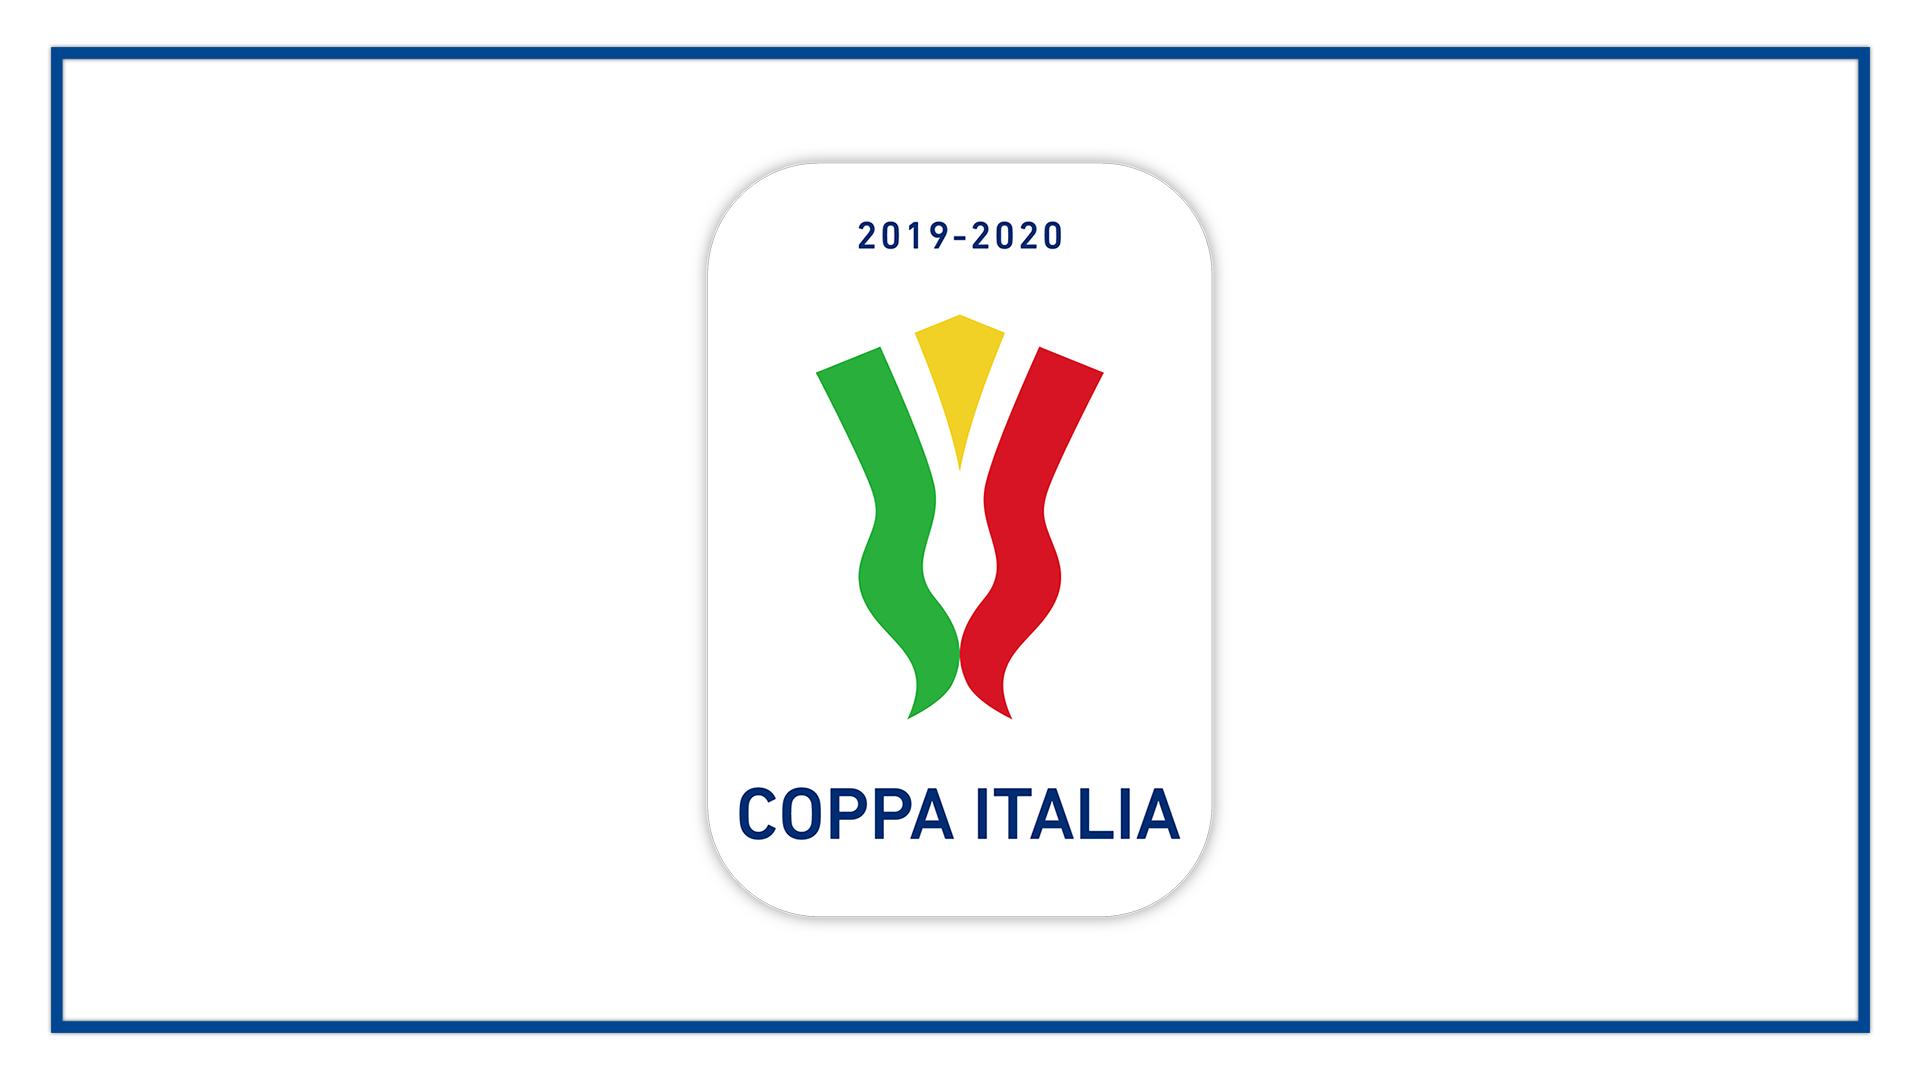 Calendario Coppa Italia 2020 18.Coppa Italia 2019 2020 Tabellone Calendario E Risultati